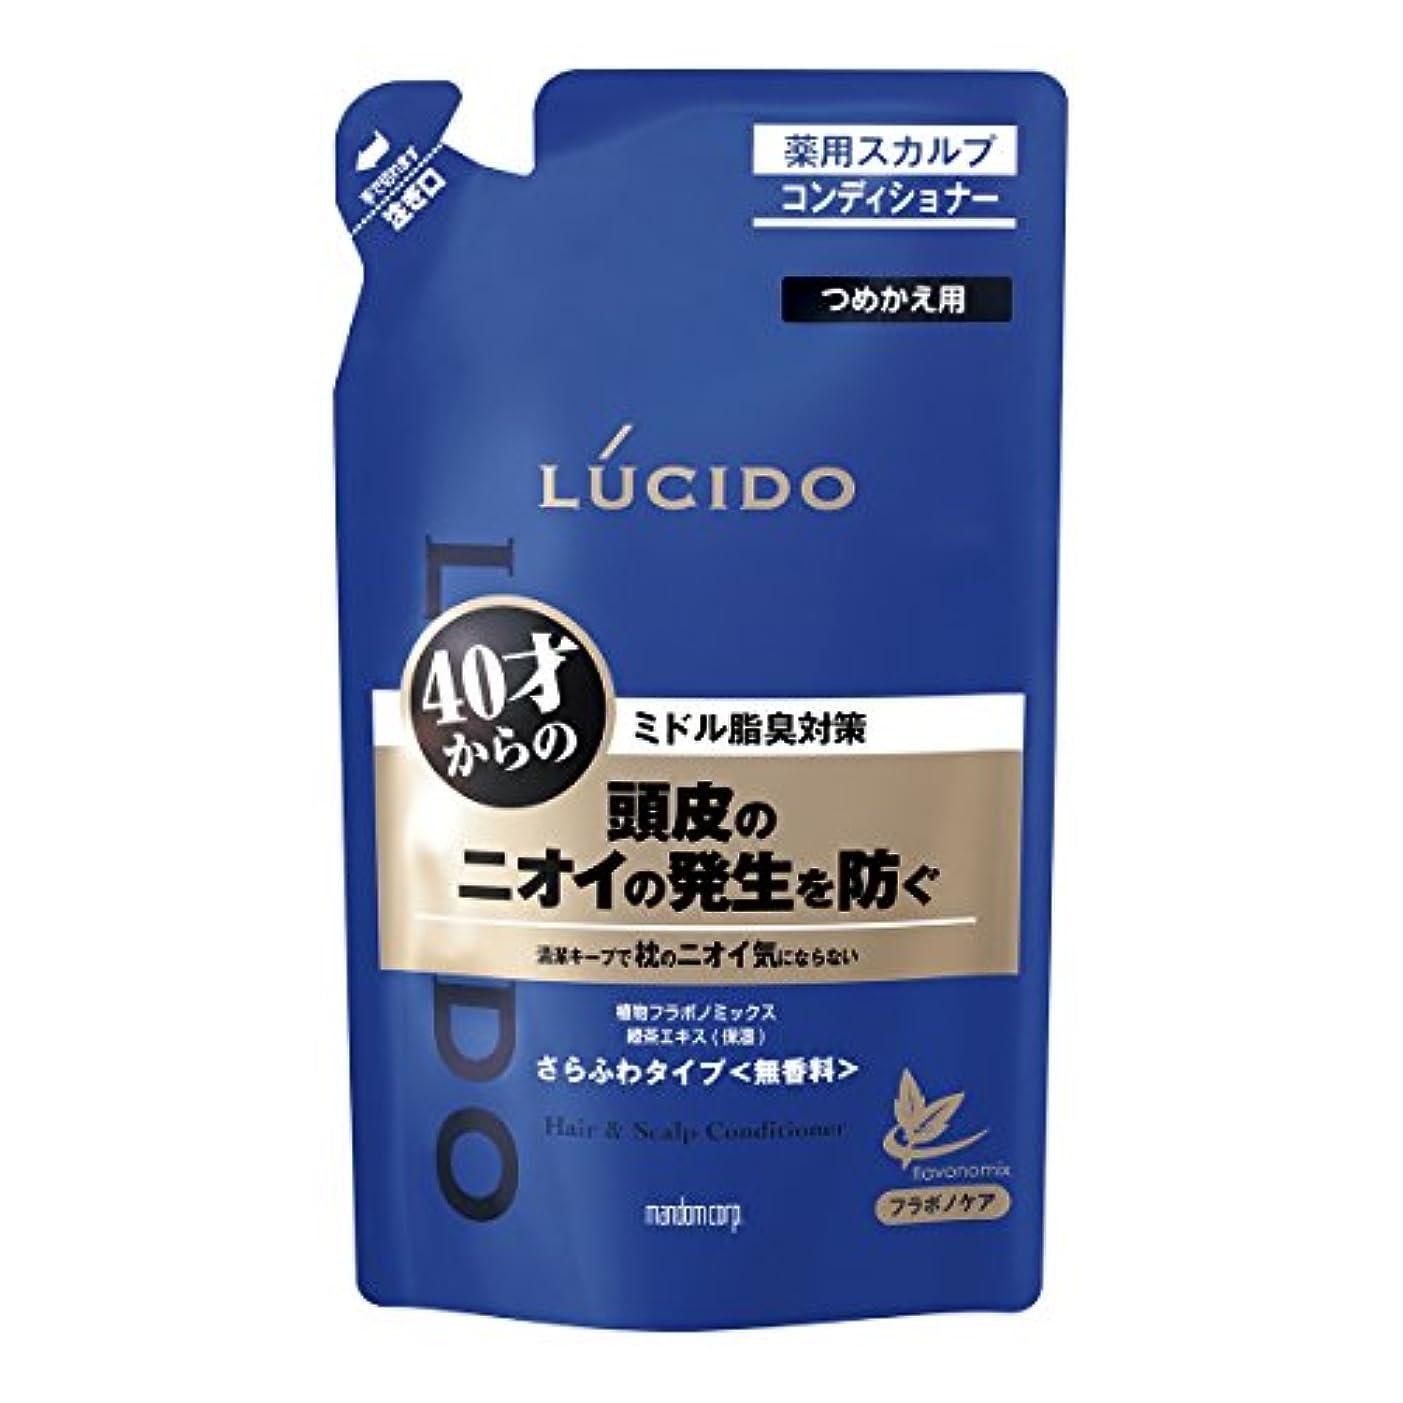 住居炭水化物ご覧くださいルシード 薬用ヘア&スカルプコンディショナー つめかえ用 380g(医薬部外品)